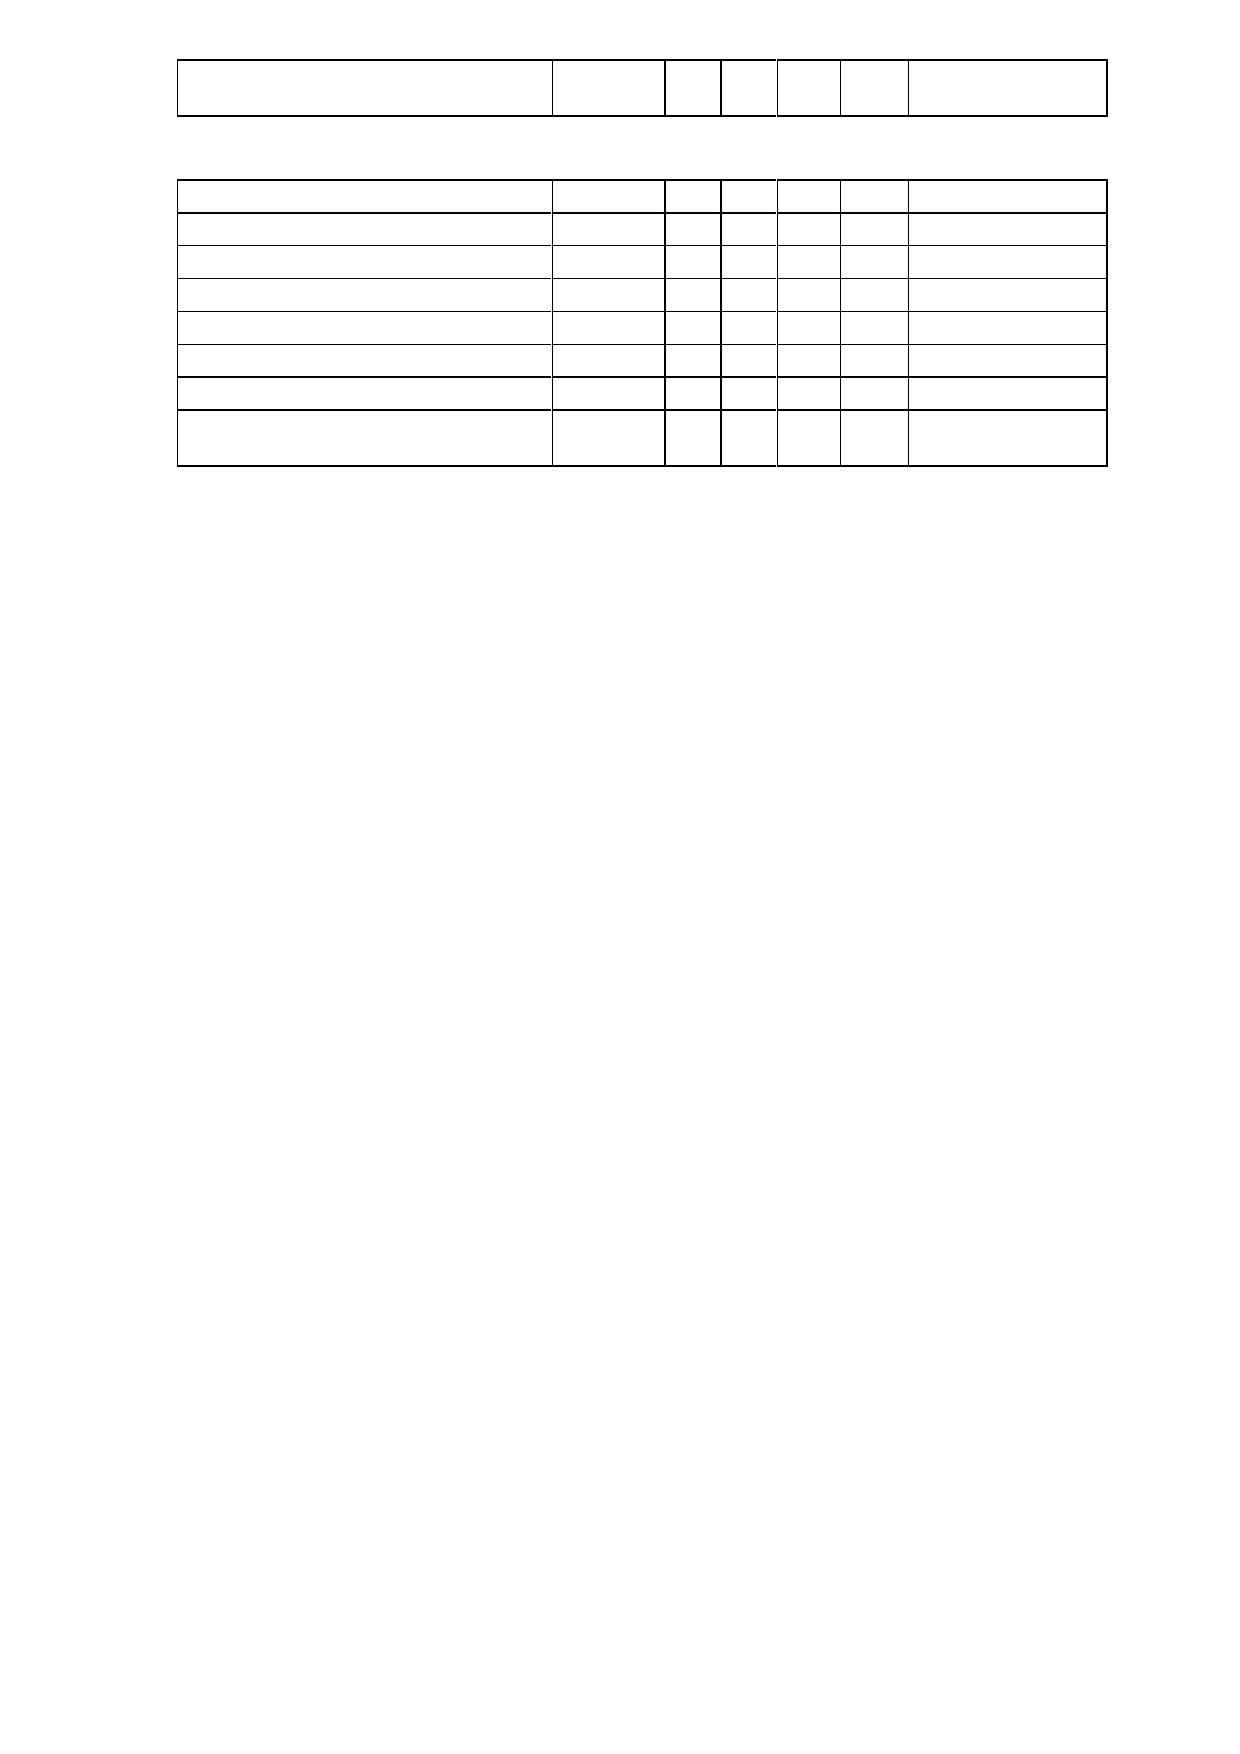 WCN2-0050SR-A11 pdf